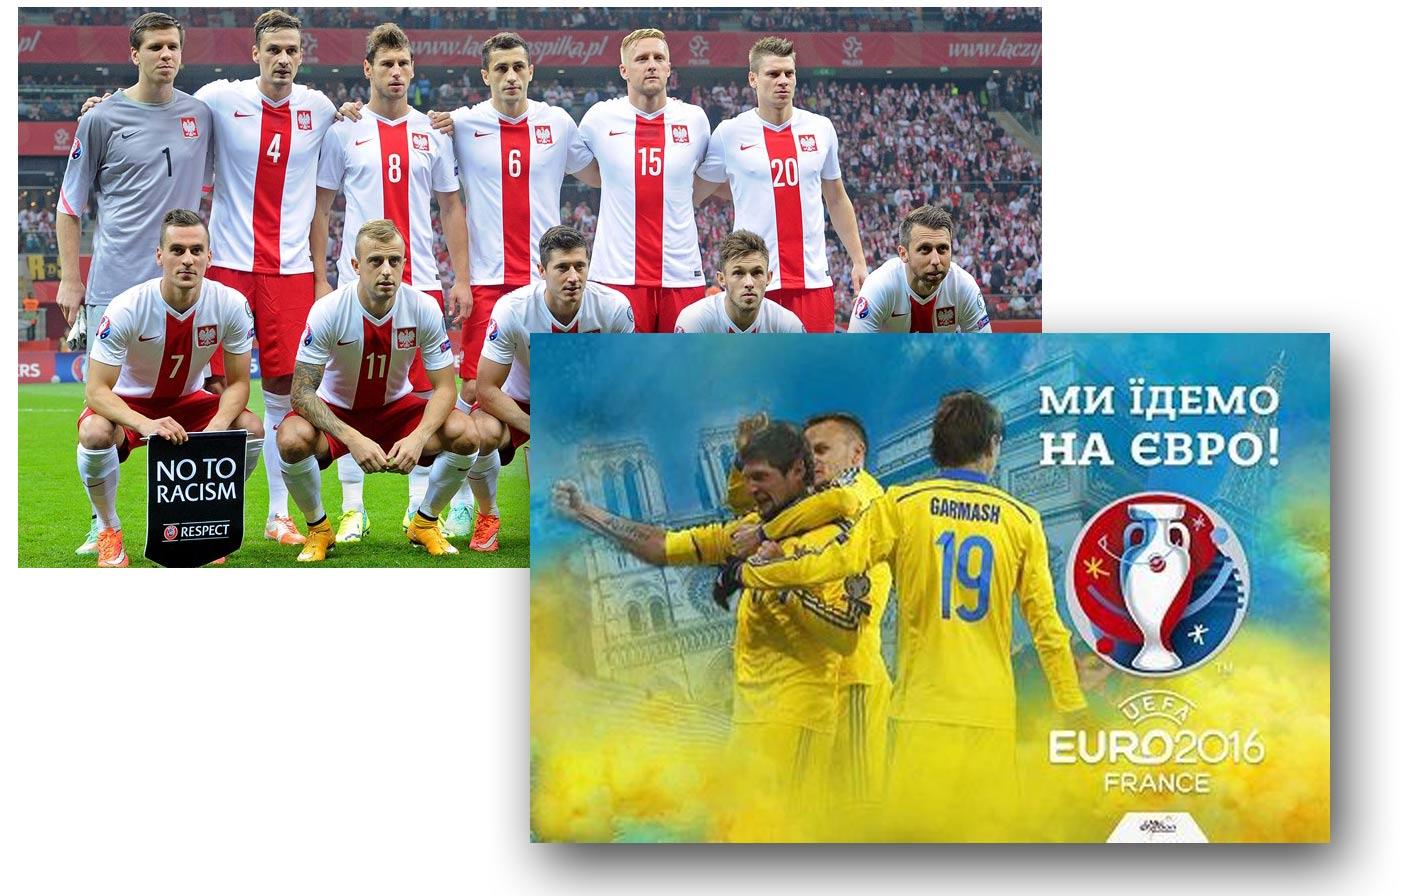 Źródło: olx.ua, polsatsport.pl